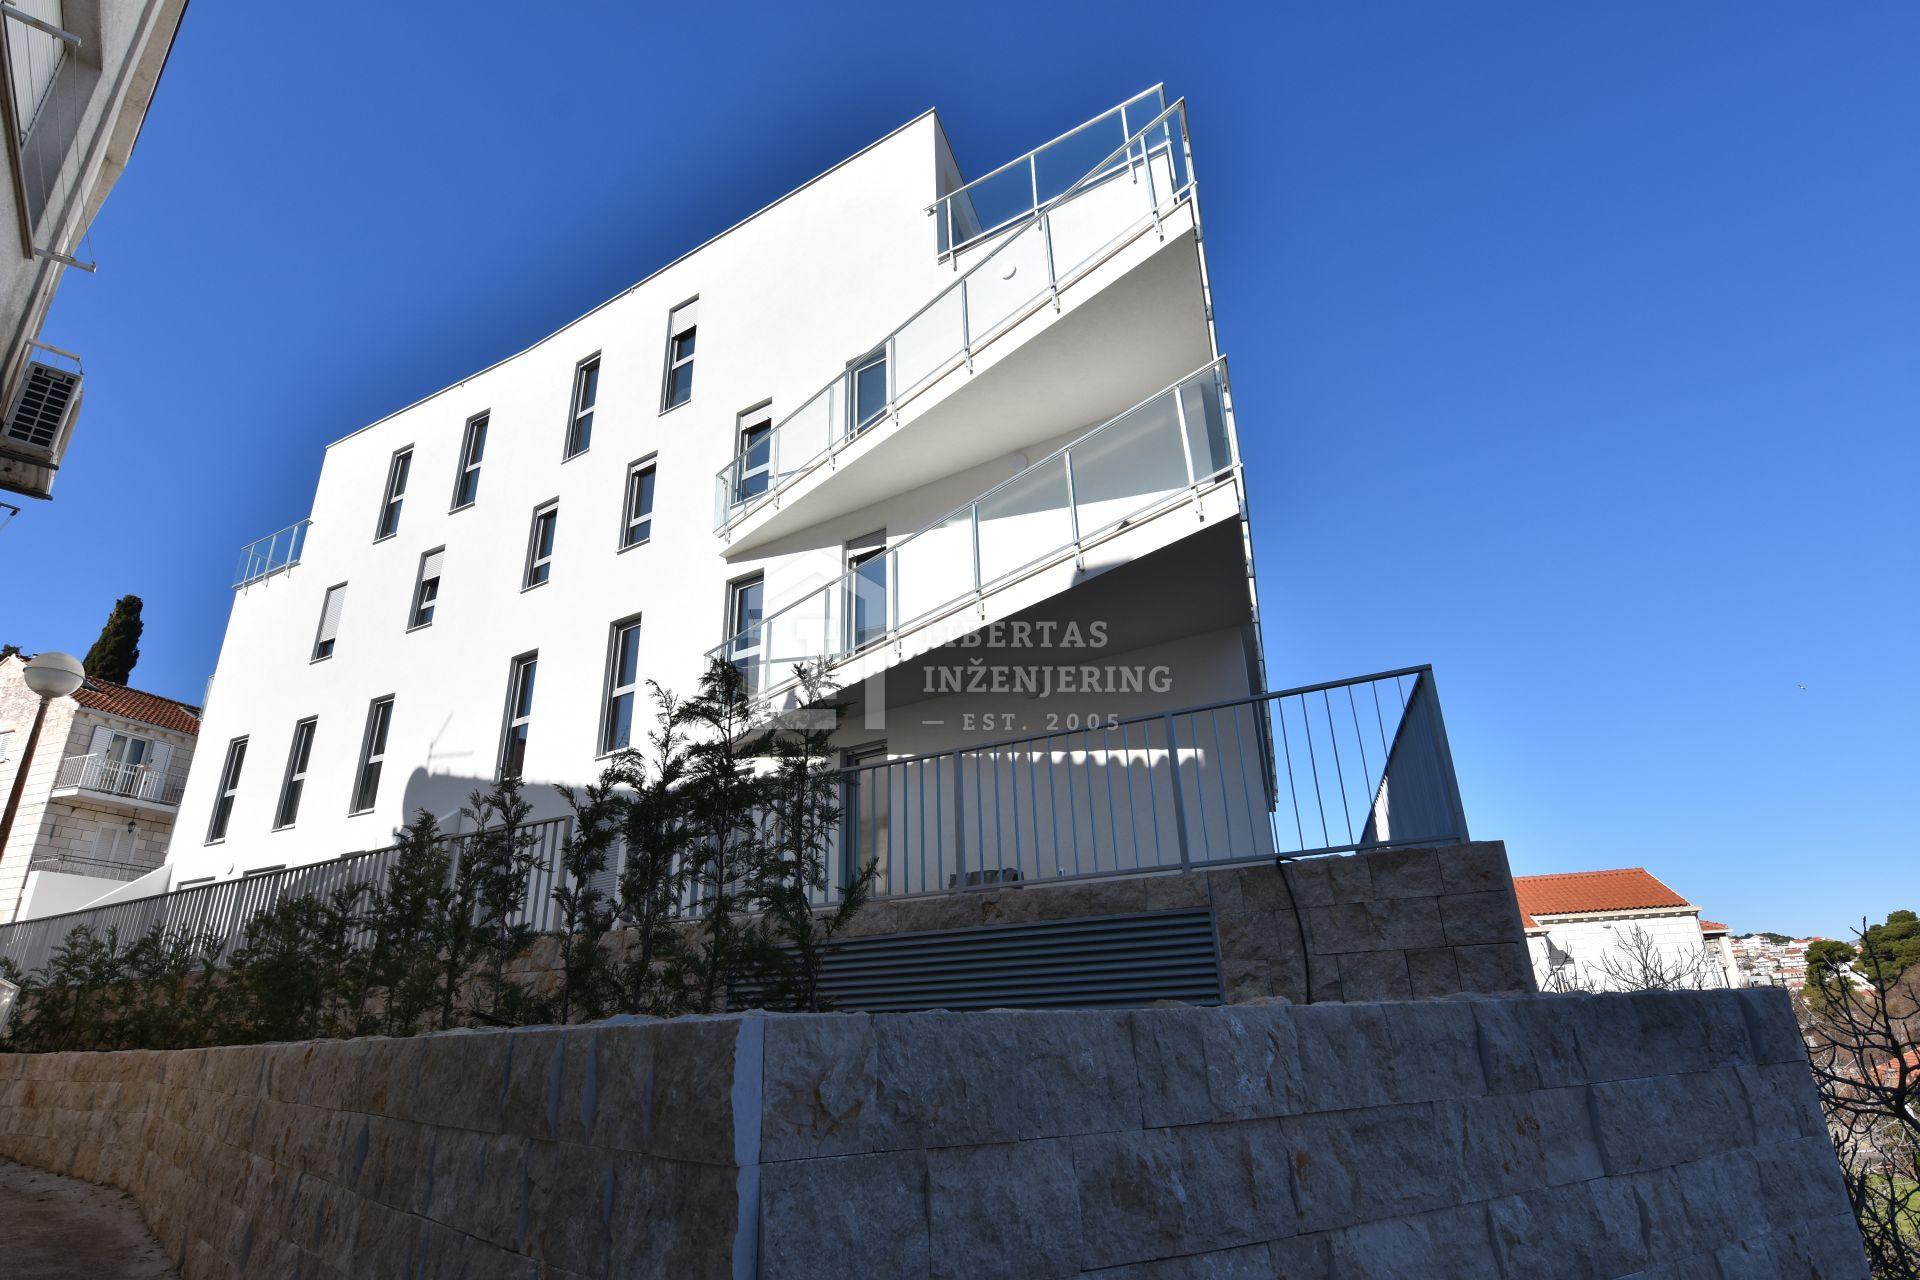 Квартира Lapad, Dubrovnik, 80m2